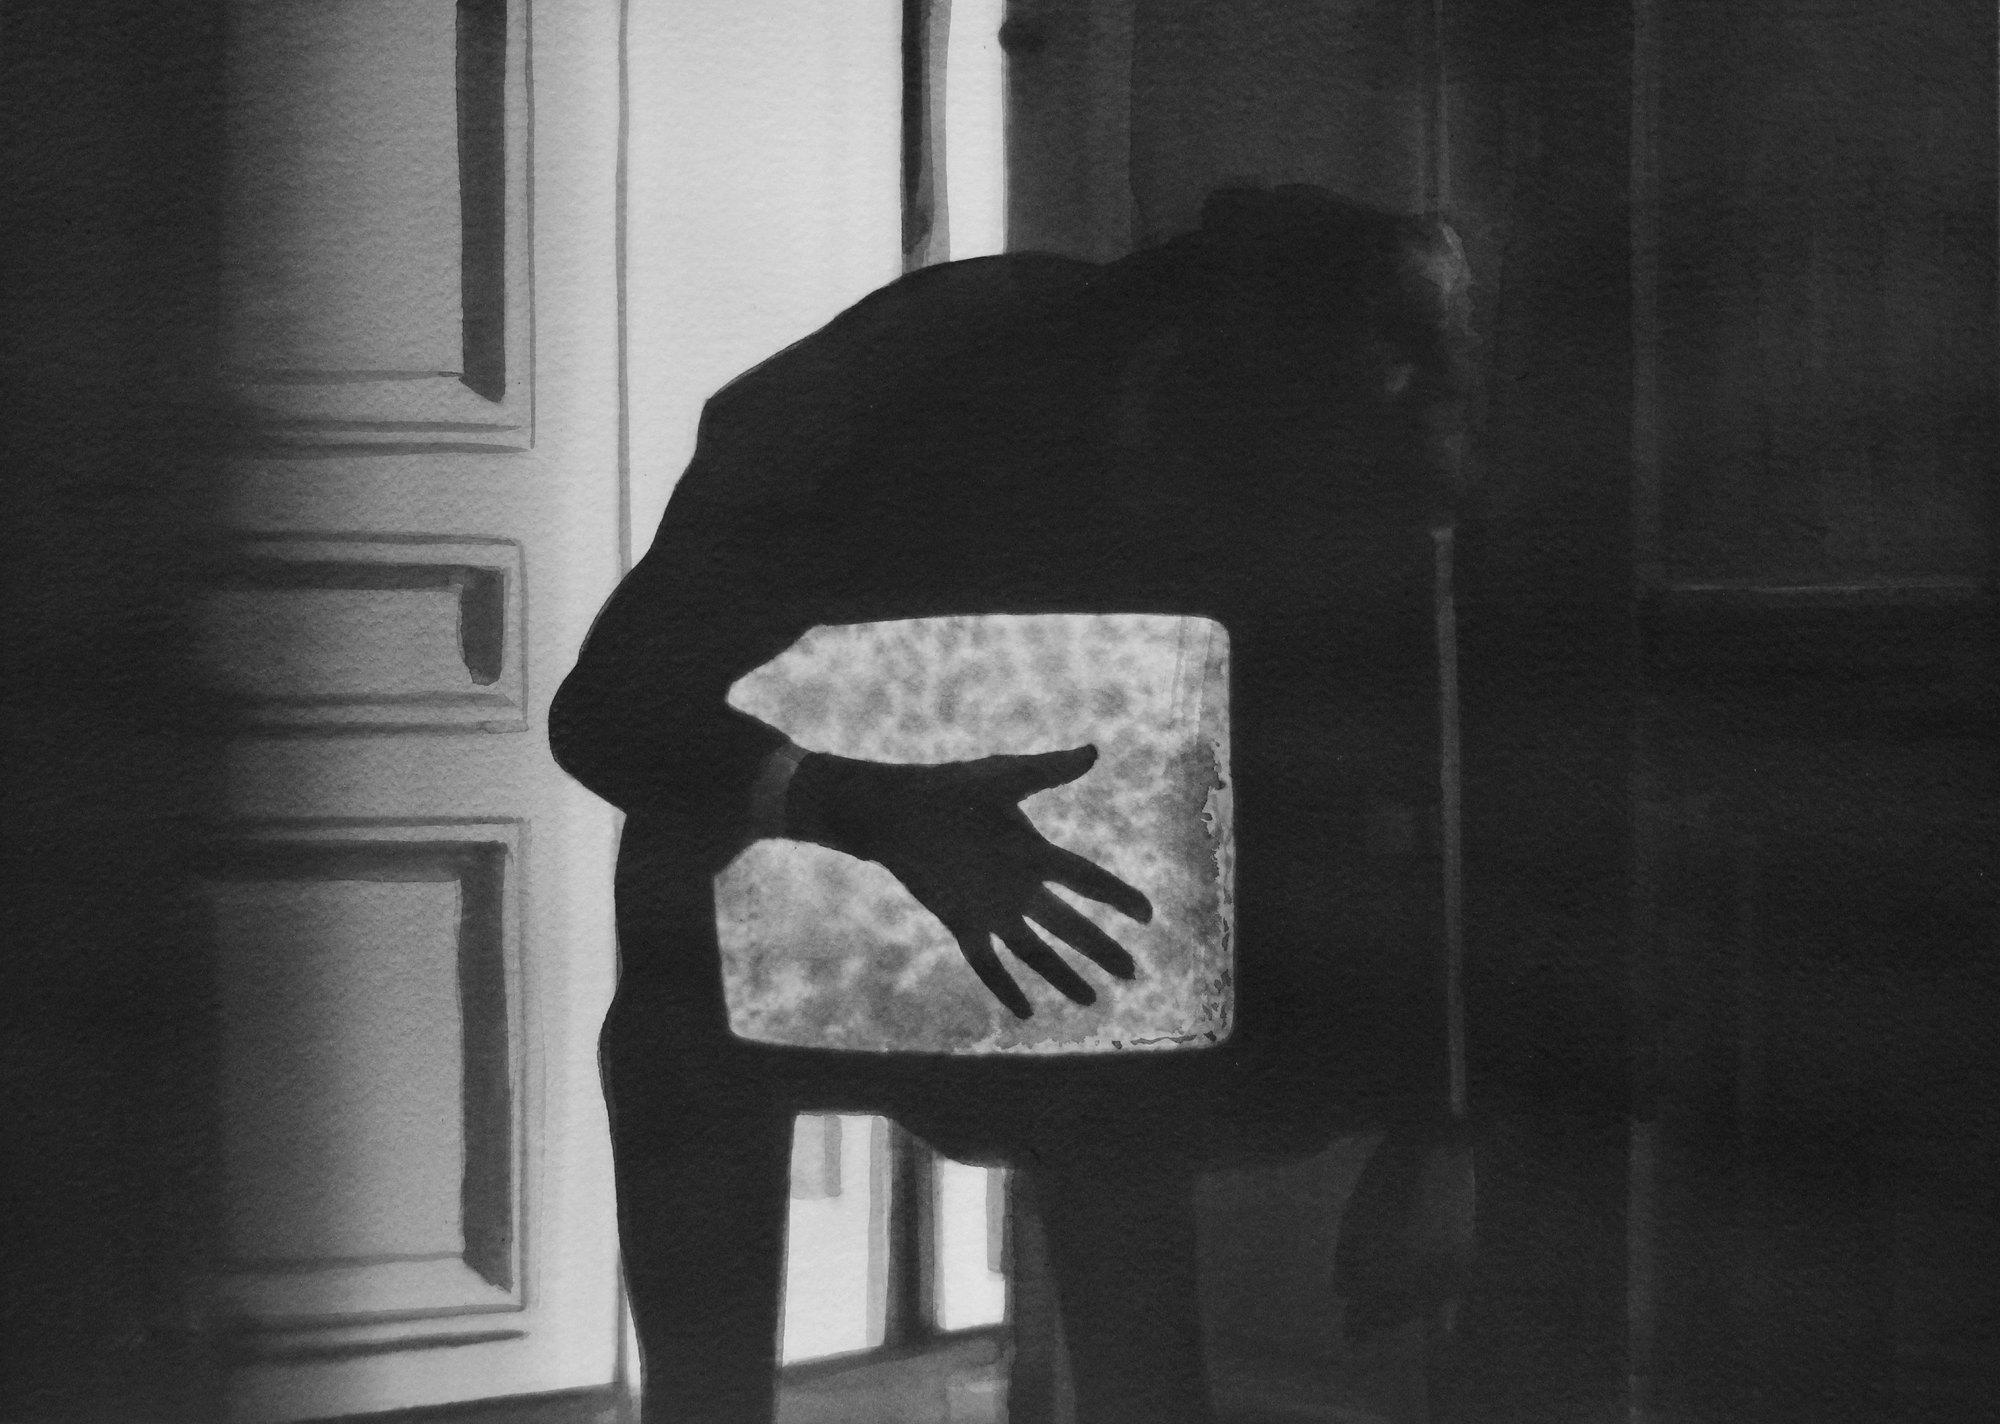 Carmen, by Jean-Luc Godard (1983)